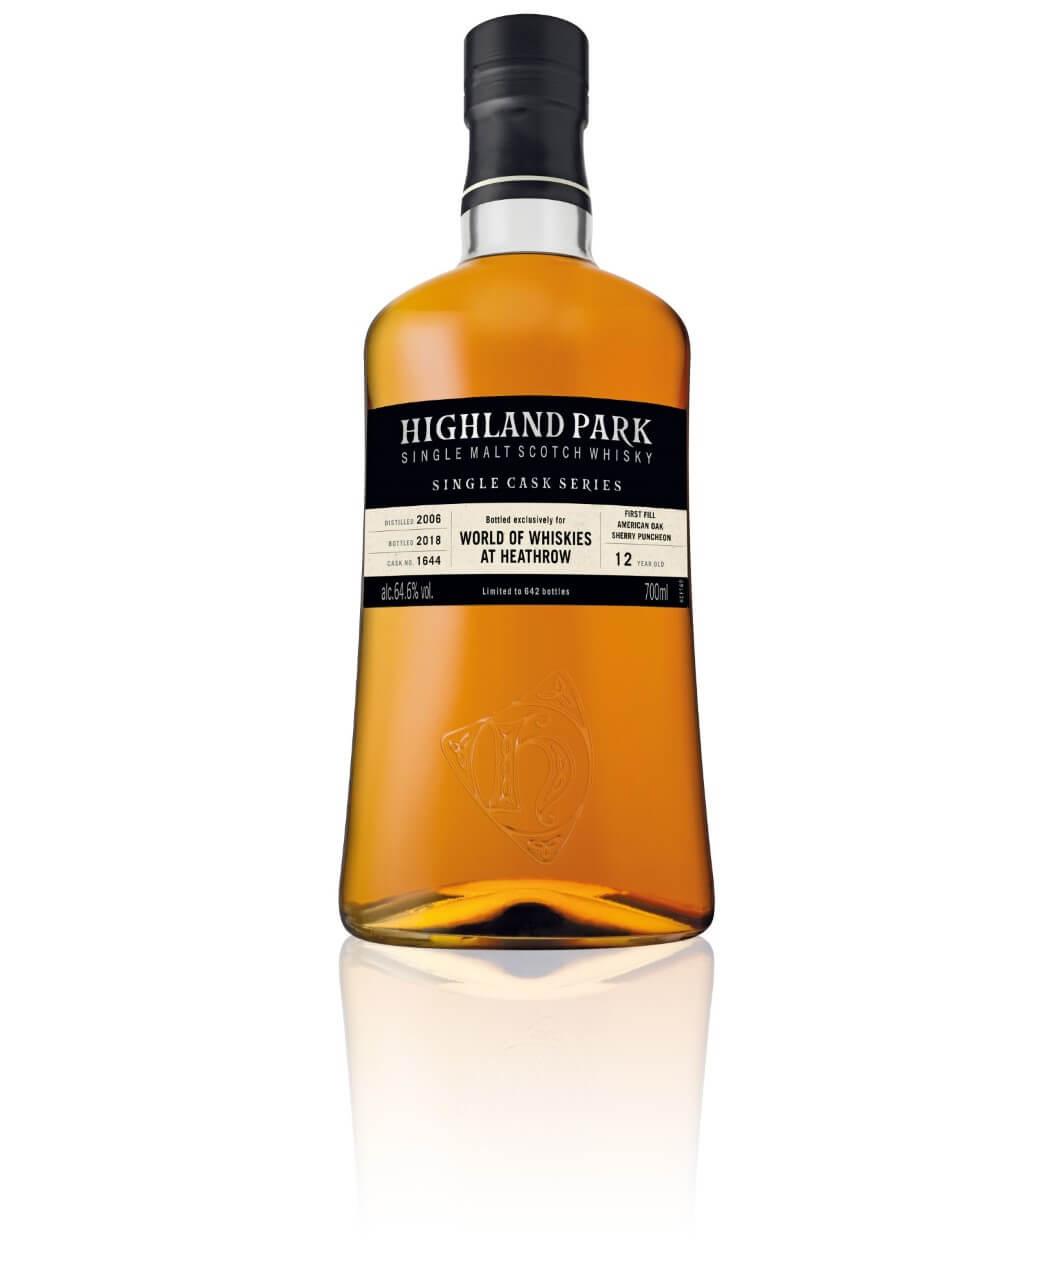 Recommended: Highland Park Single Cask Bottling